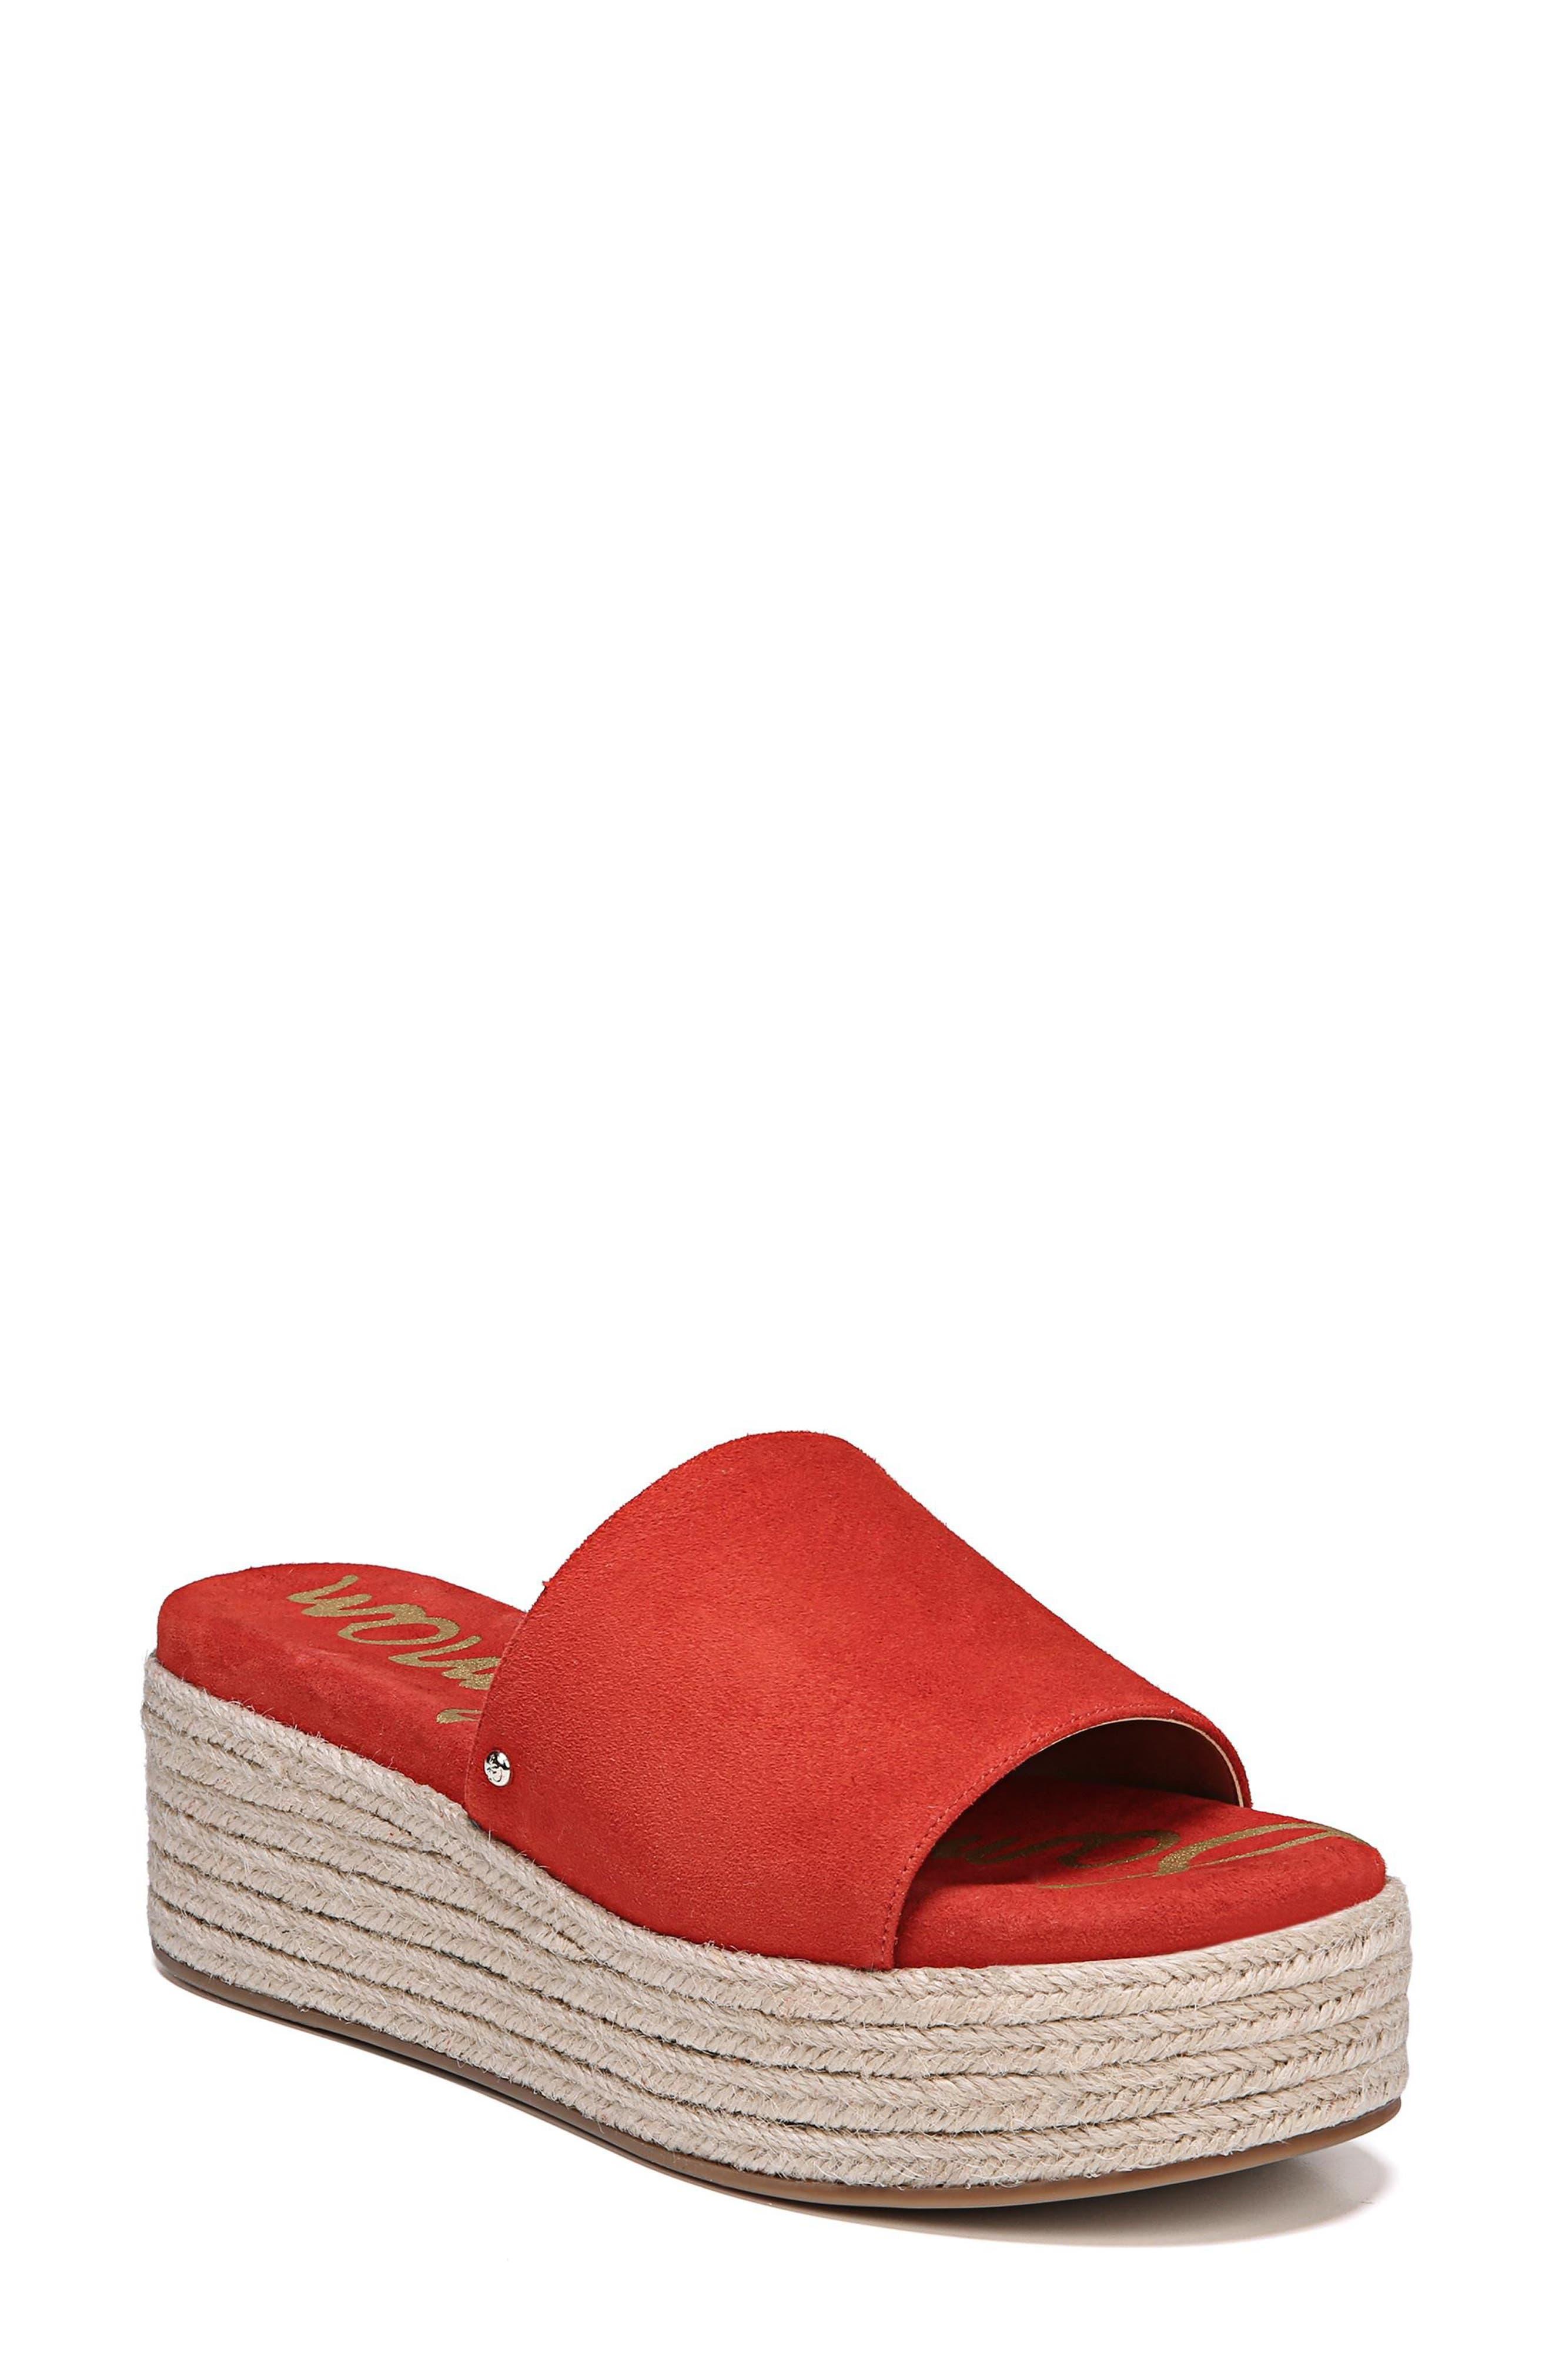 Weslee Platform Slide Sandal,                             Main thumbnail 1, color,                             Candy Red Suede